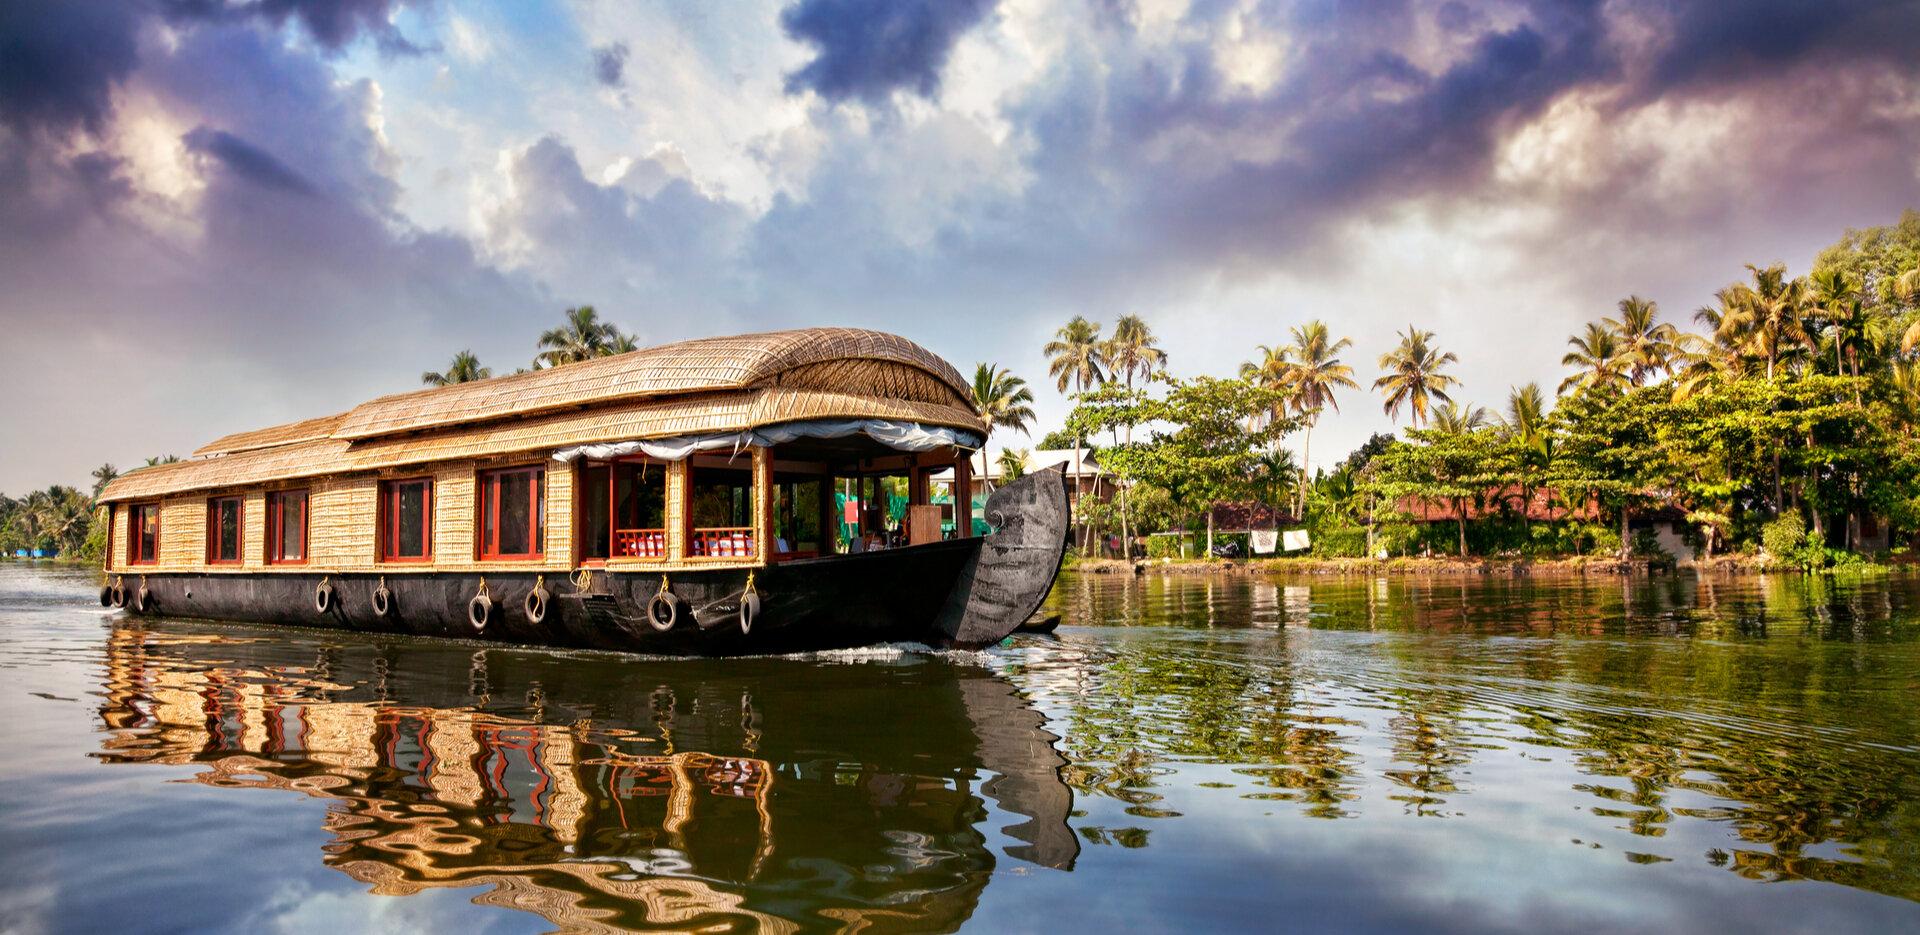 Kerala Vishu Festival 2021